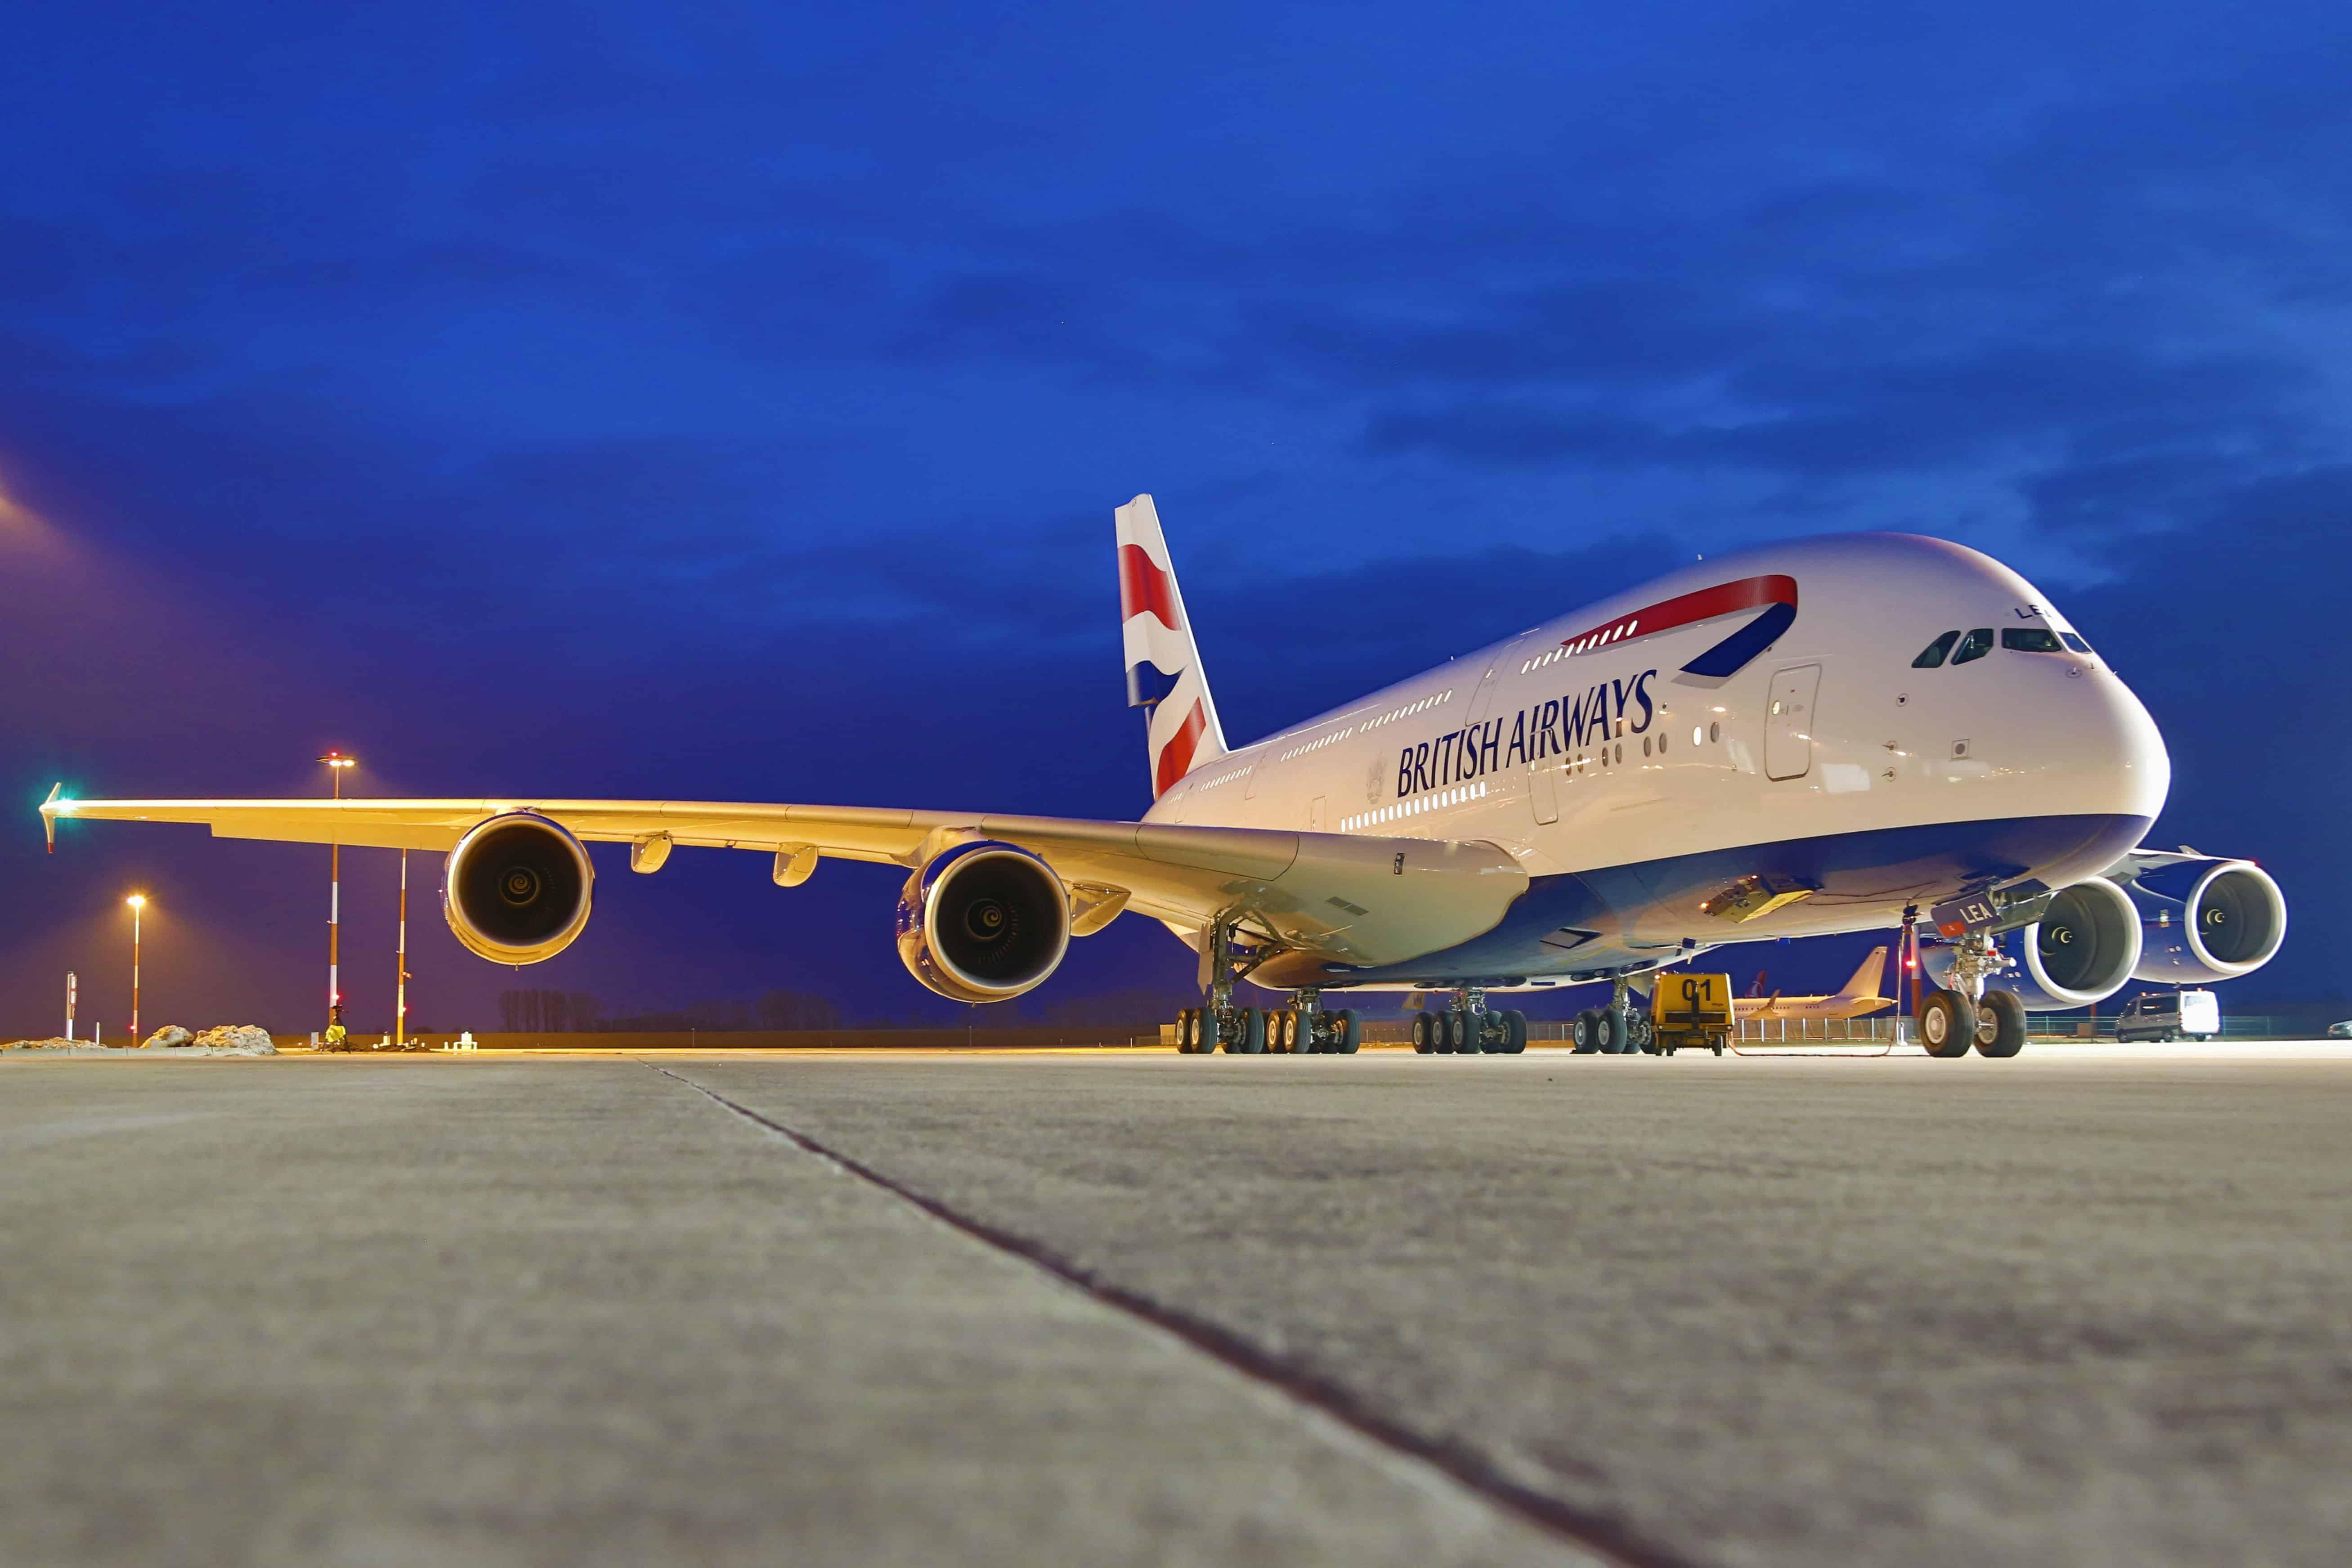 Go Investment 1444214544britishairways British Airways Launches Direct Flights to Sharm El Sheikh and On Business Program Egypt News